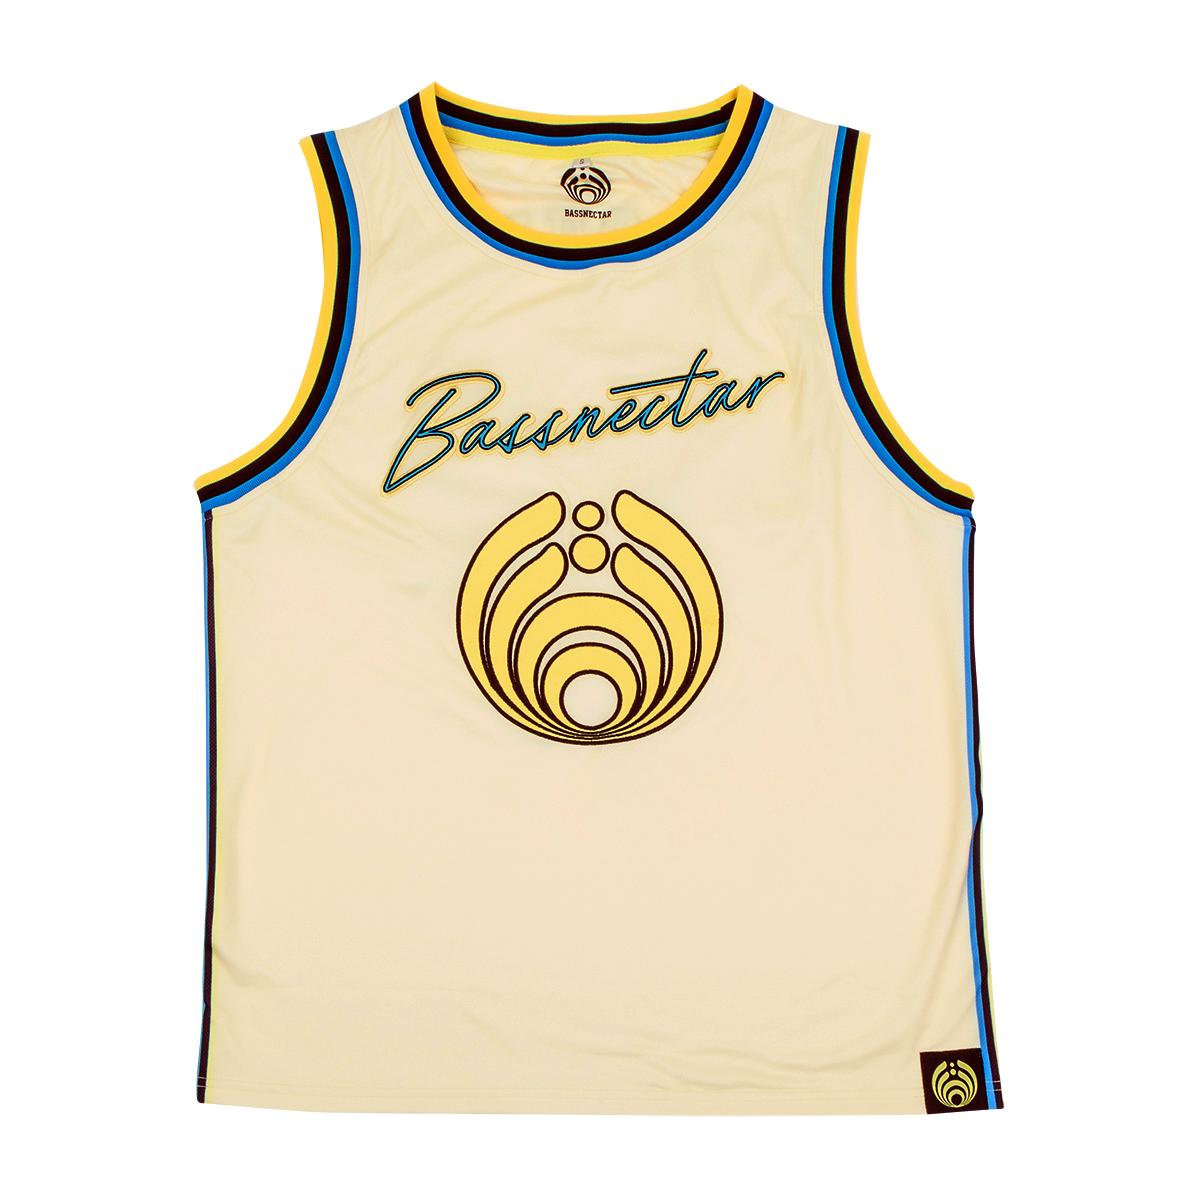 Bass Head 808 Basketball Jersey- Cream